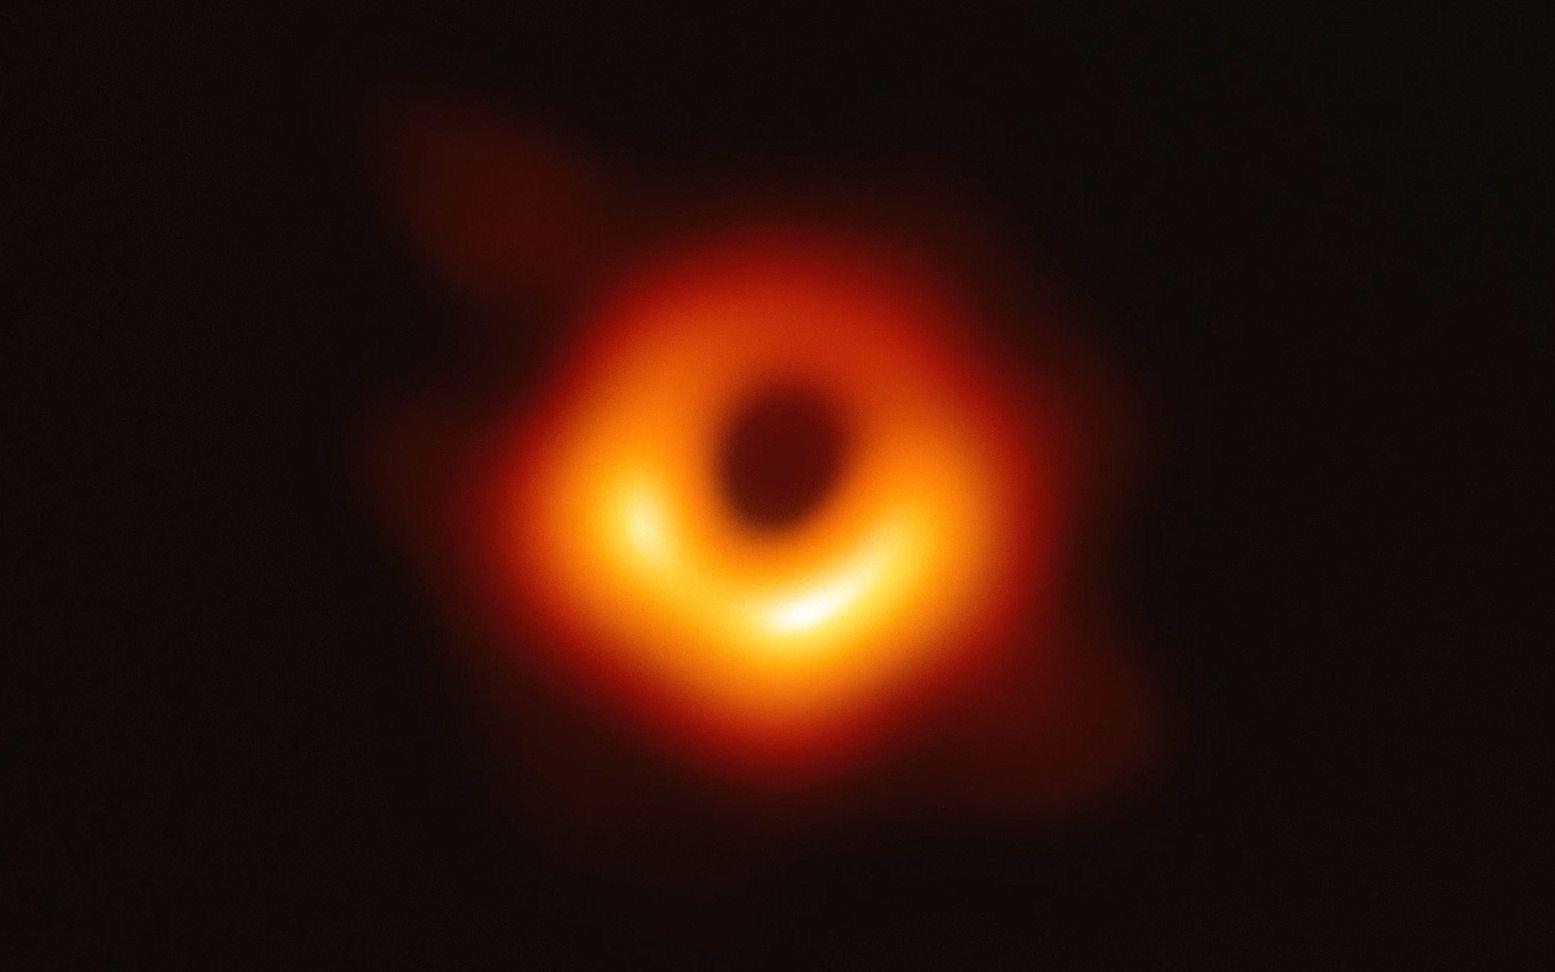 拍攝黑洞照片有多難?這個不到1分鐘的短片能給你最直觀的感受_嗶哩嗶哩 (゜-゜)つロ 干杯~-bilibili